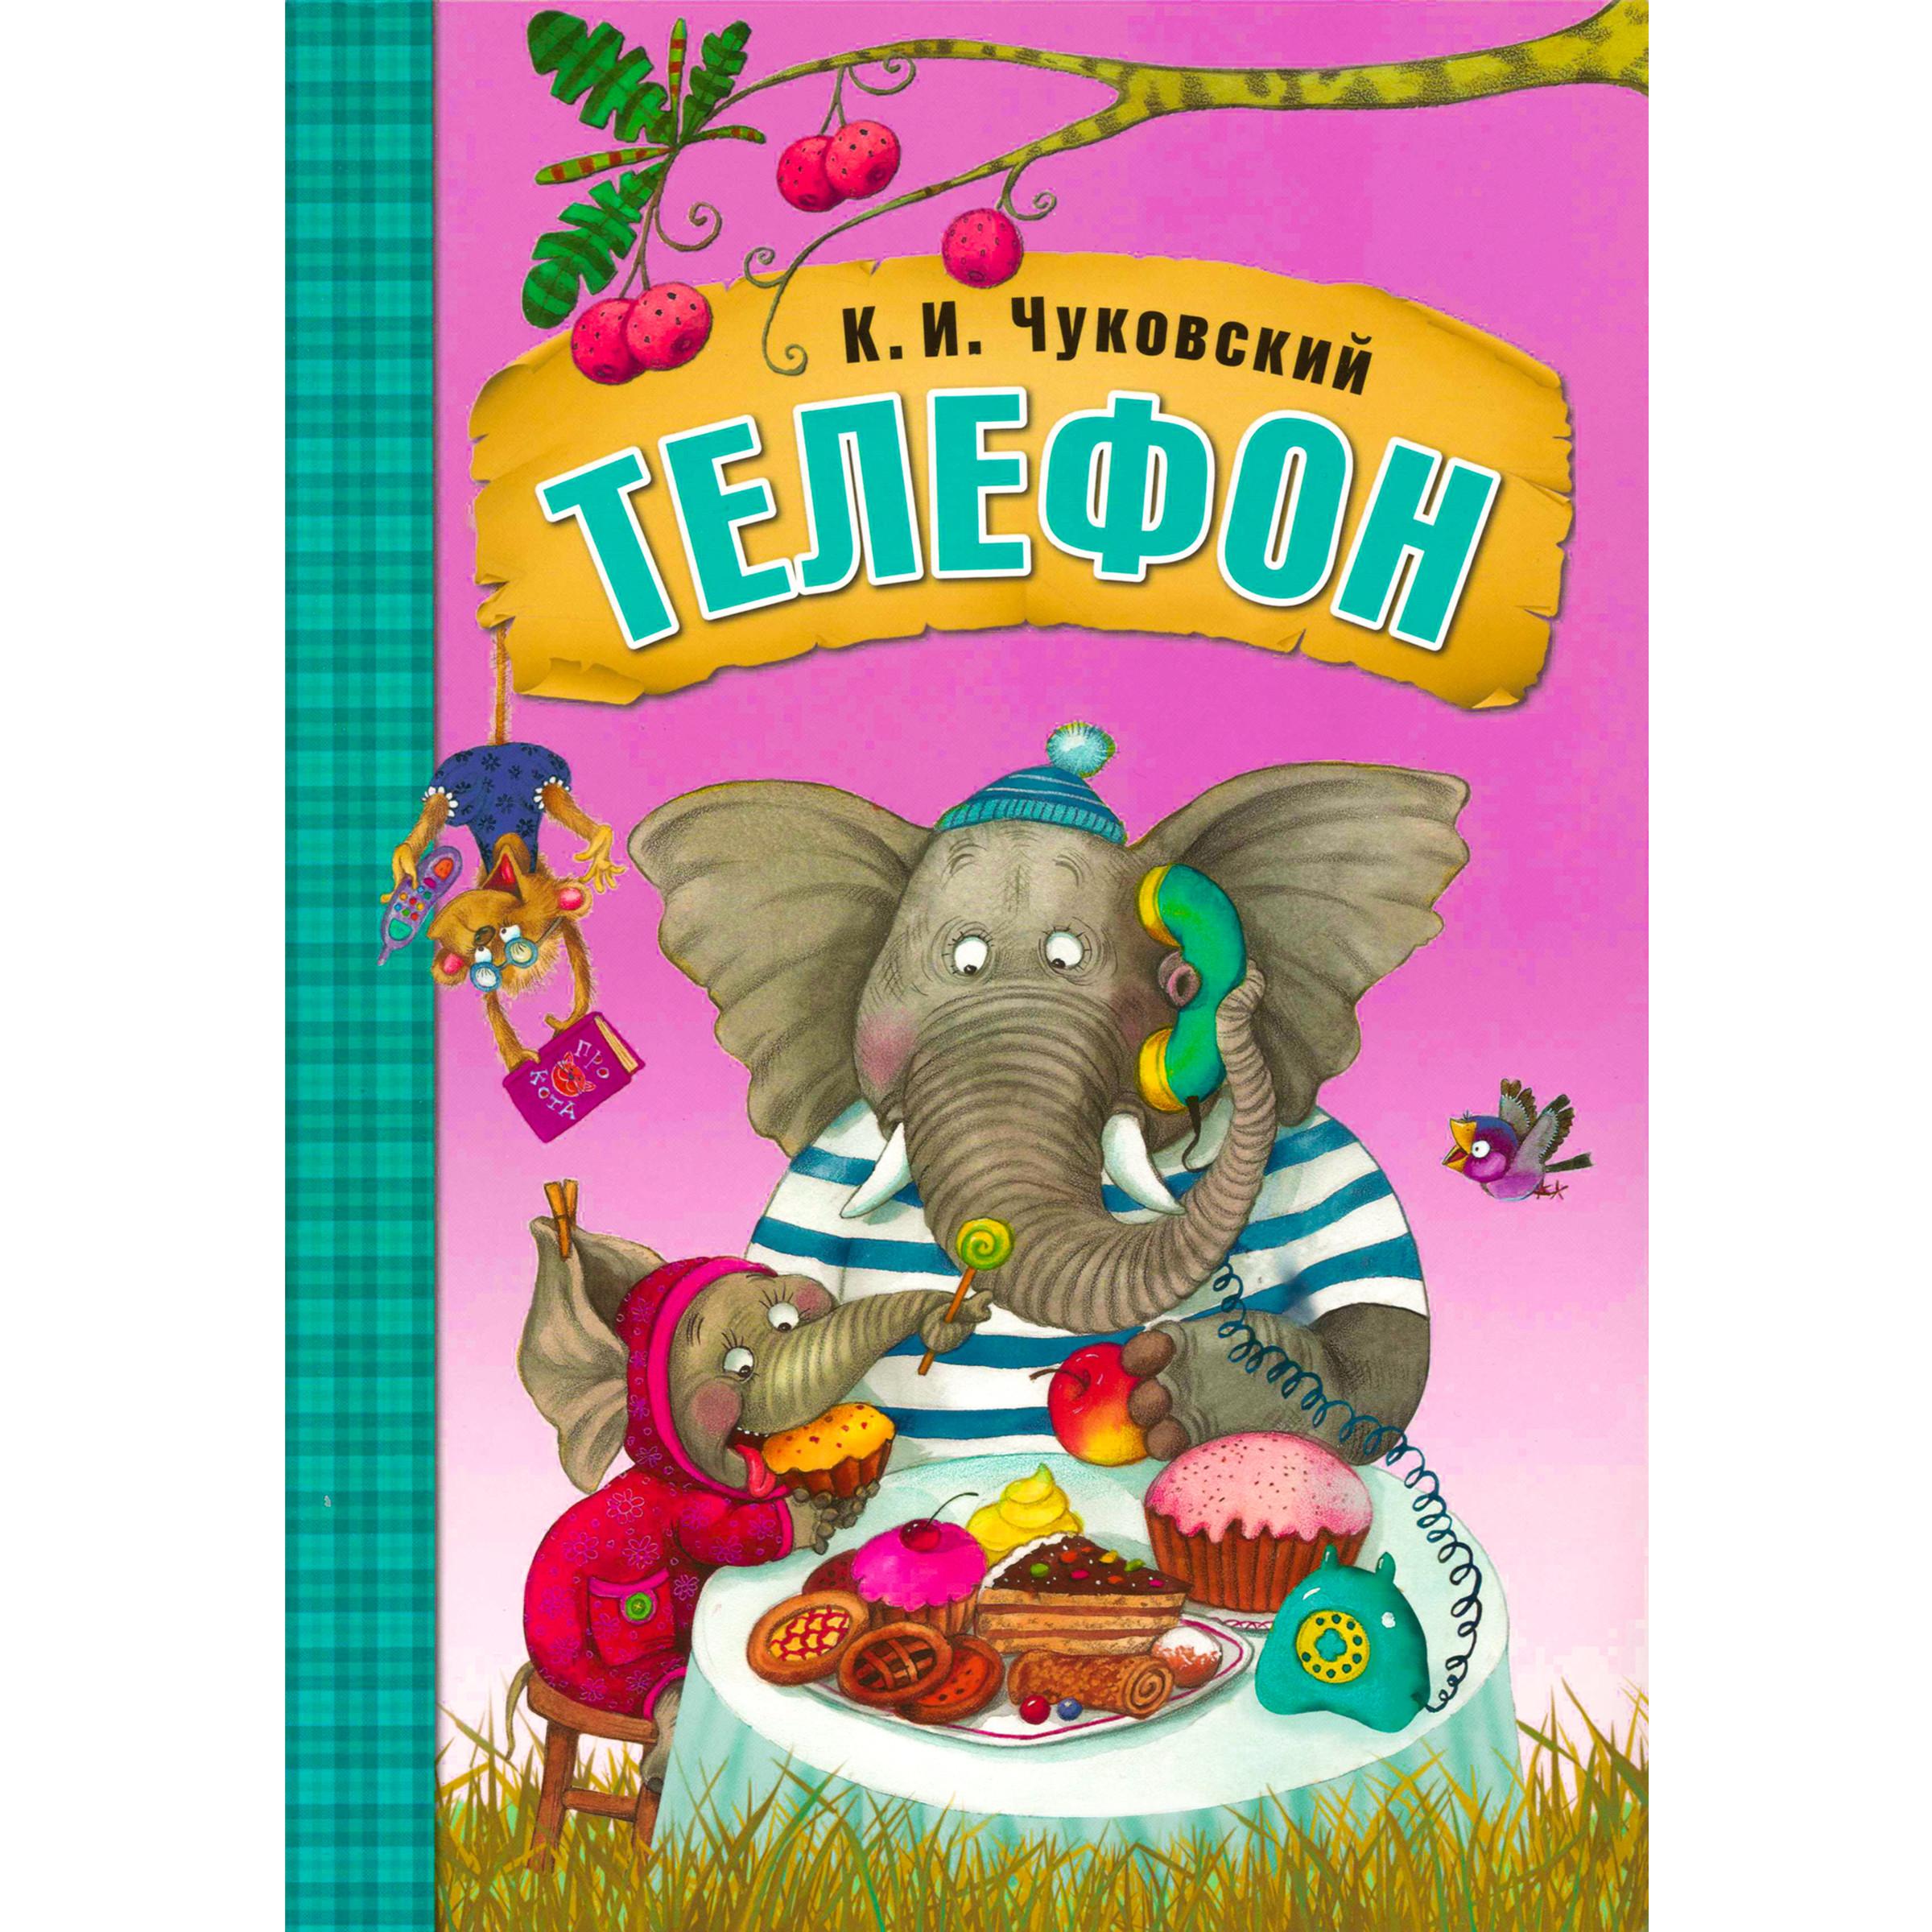 Купить Книга, Любимые сказки К.И. Чуковского: Телефон, 1шт., Мозаика-Синтез МС10692, Россия